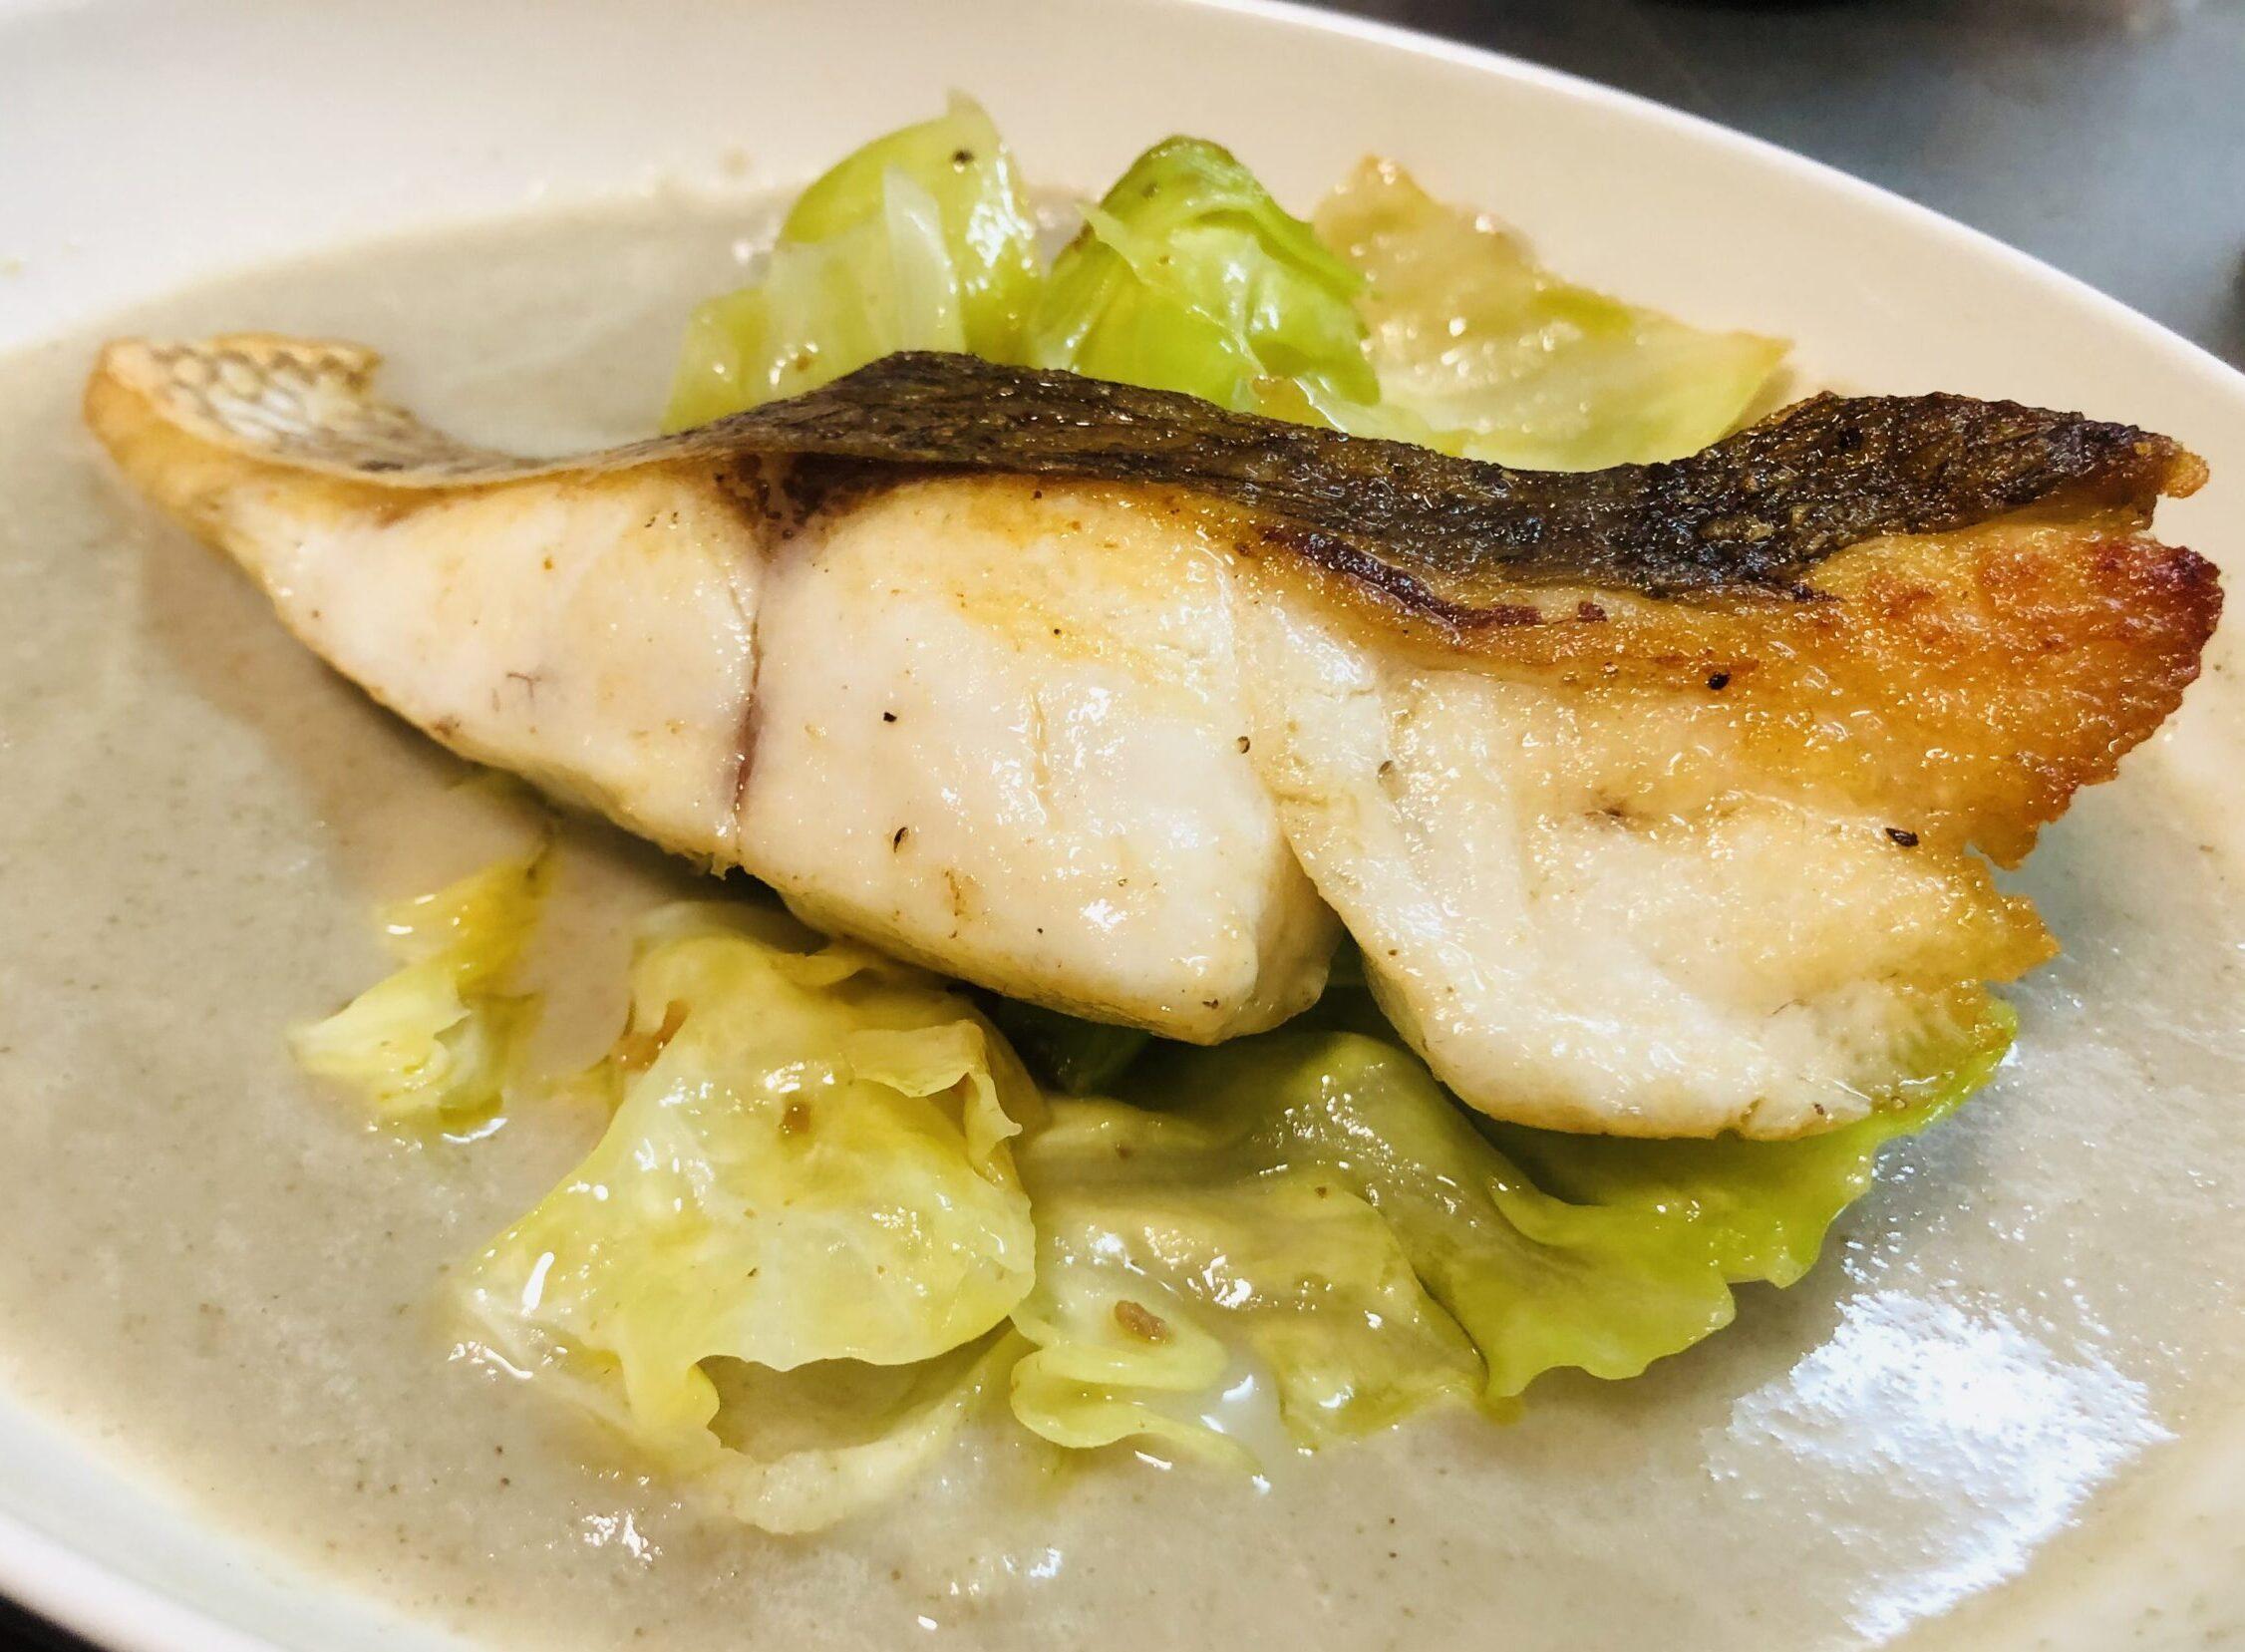 新ごぼうのスープにアンチョビキャベツと真鯛のポワレの画像です